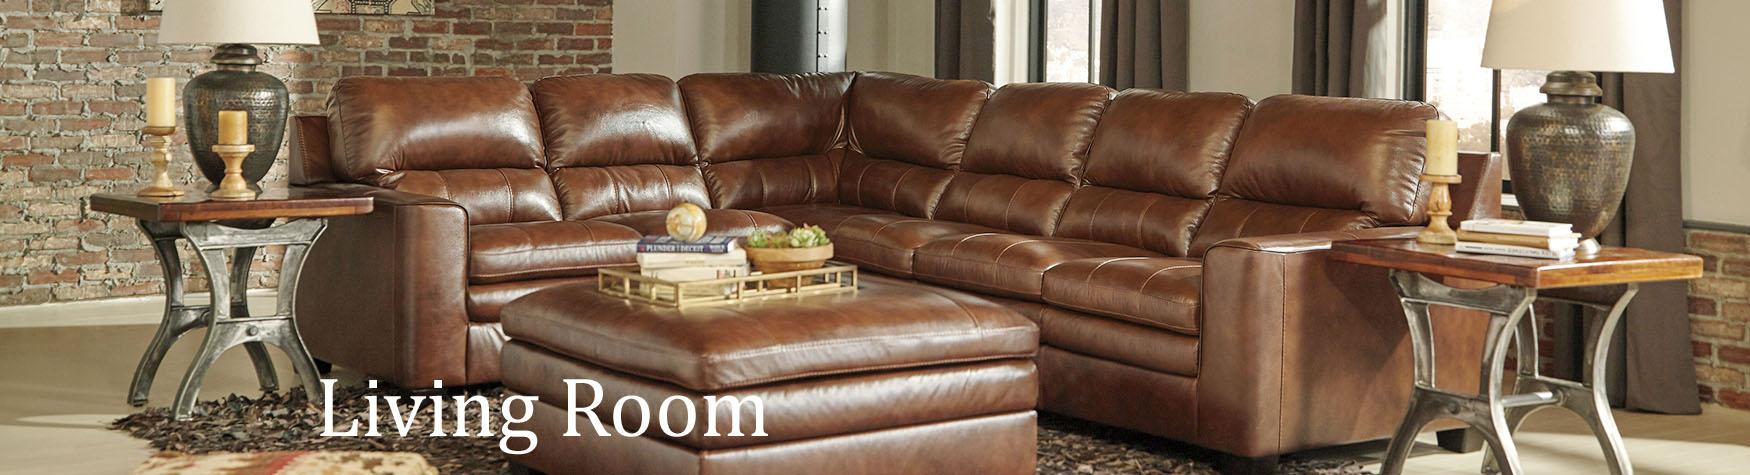 banner-living-room.jpg